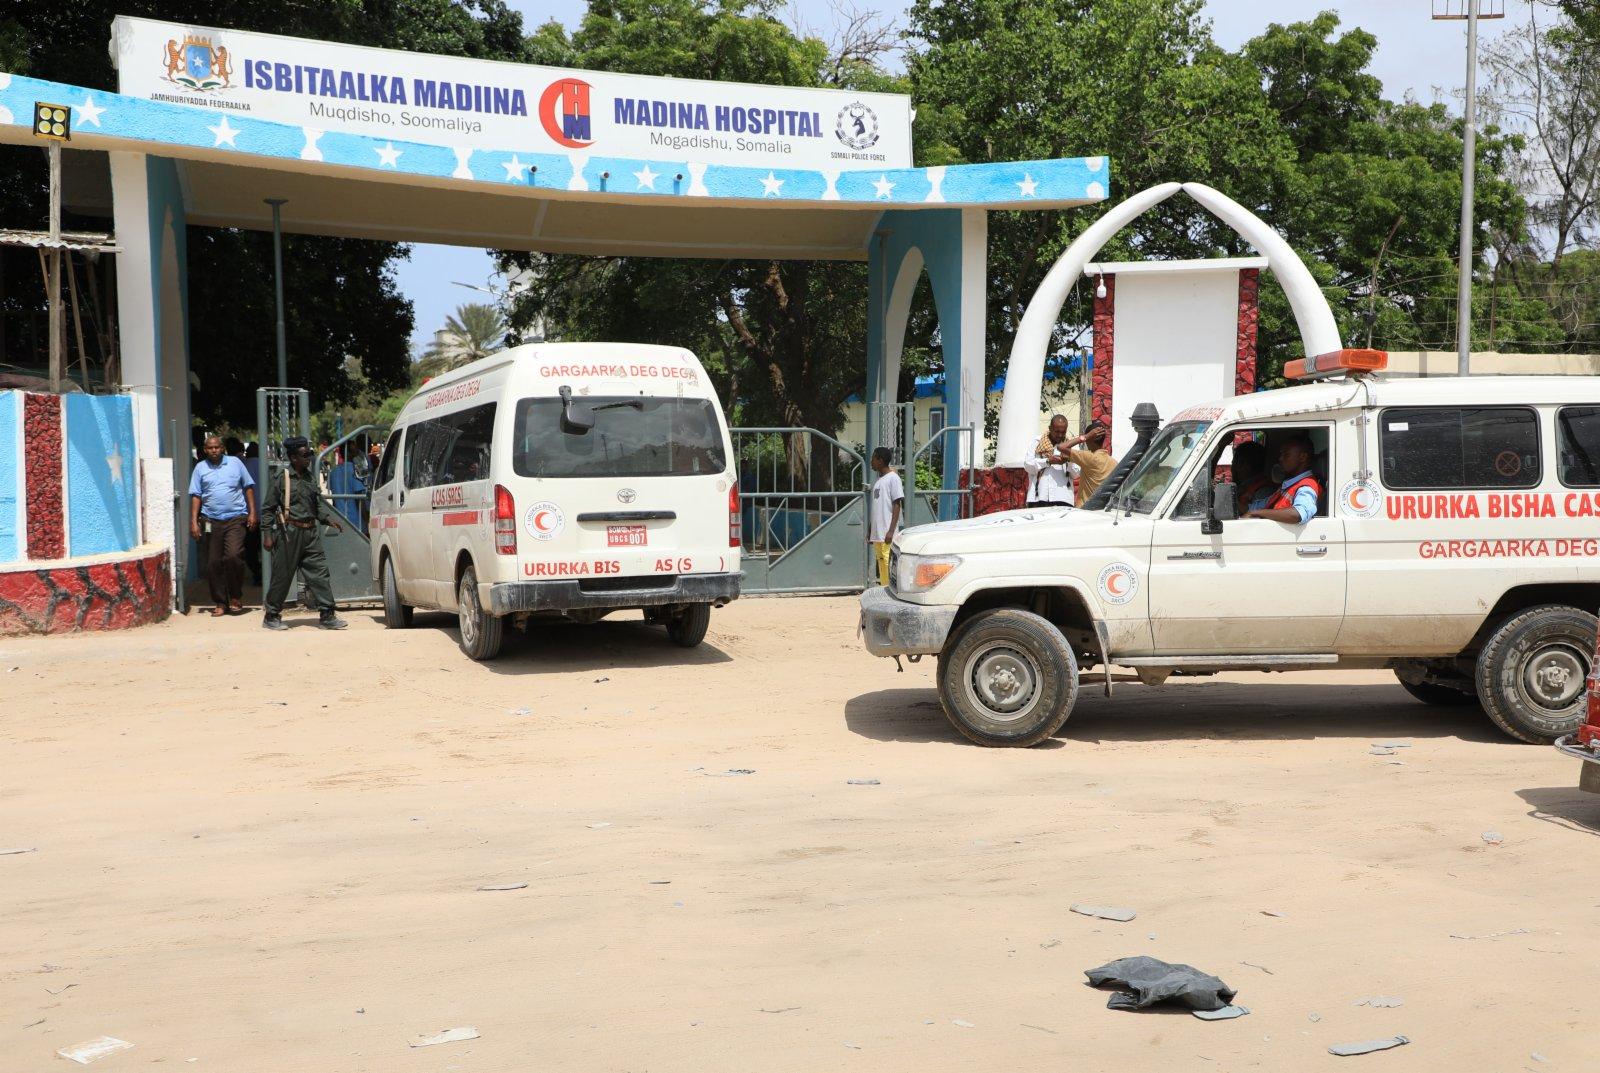 6月15日,運送傷員的救護車抵達索馬里首都摩加迪沙的一所醫院。(新華社)